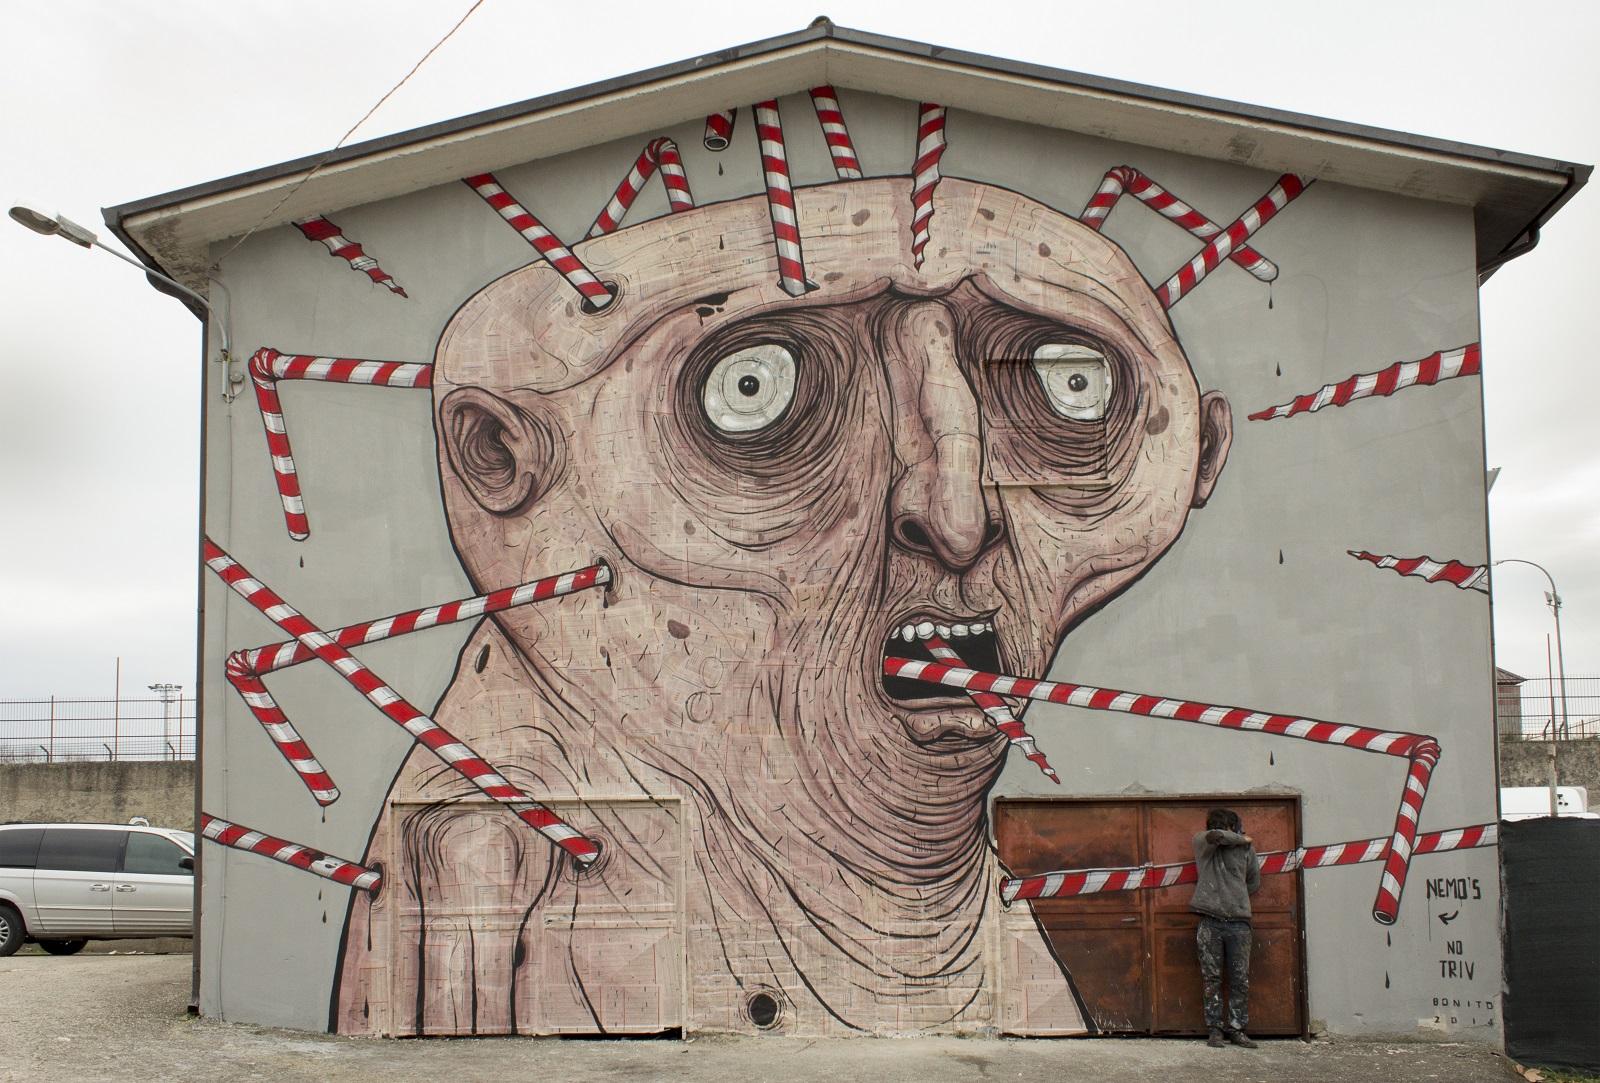 nemos-trim-new-mural-in-bonito-09